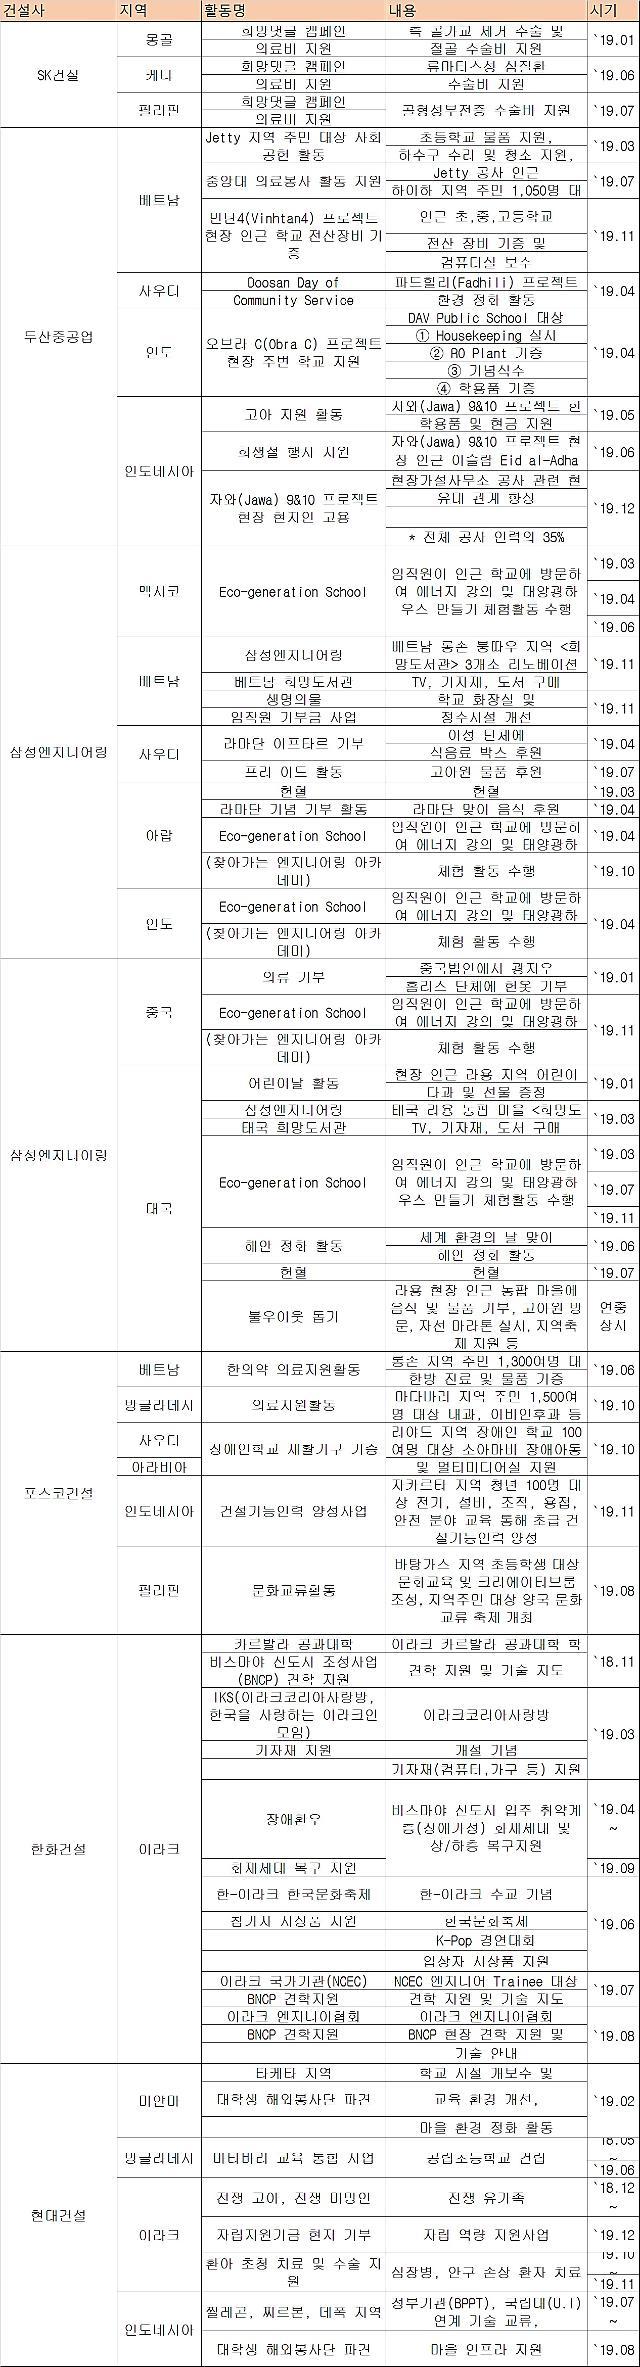 2019년도 건설사 해외봉사 결산…삼성엔지니어링 30건 1위